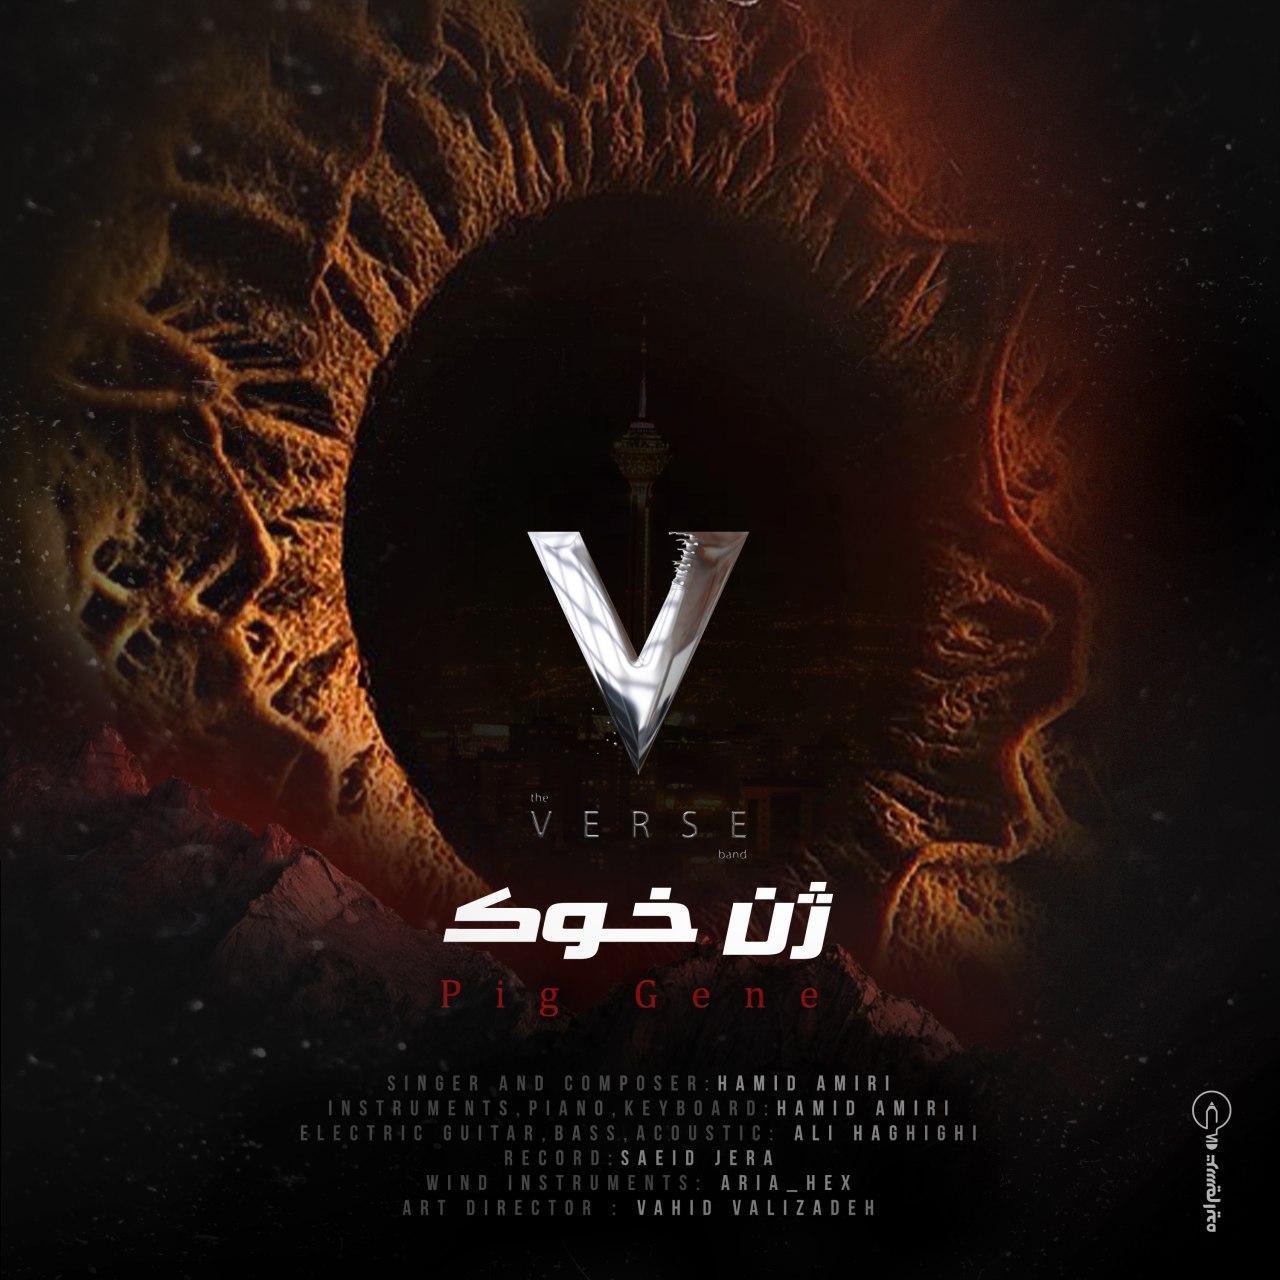 دانلود آلبوم جدید گروه موسیقی The Verse به نام ژن خوک